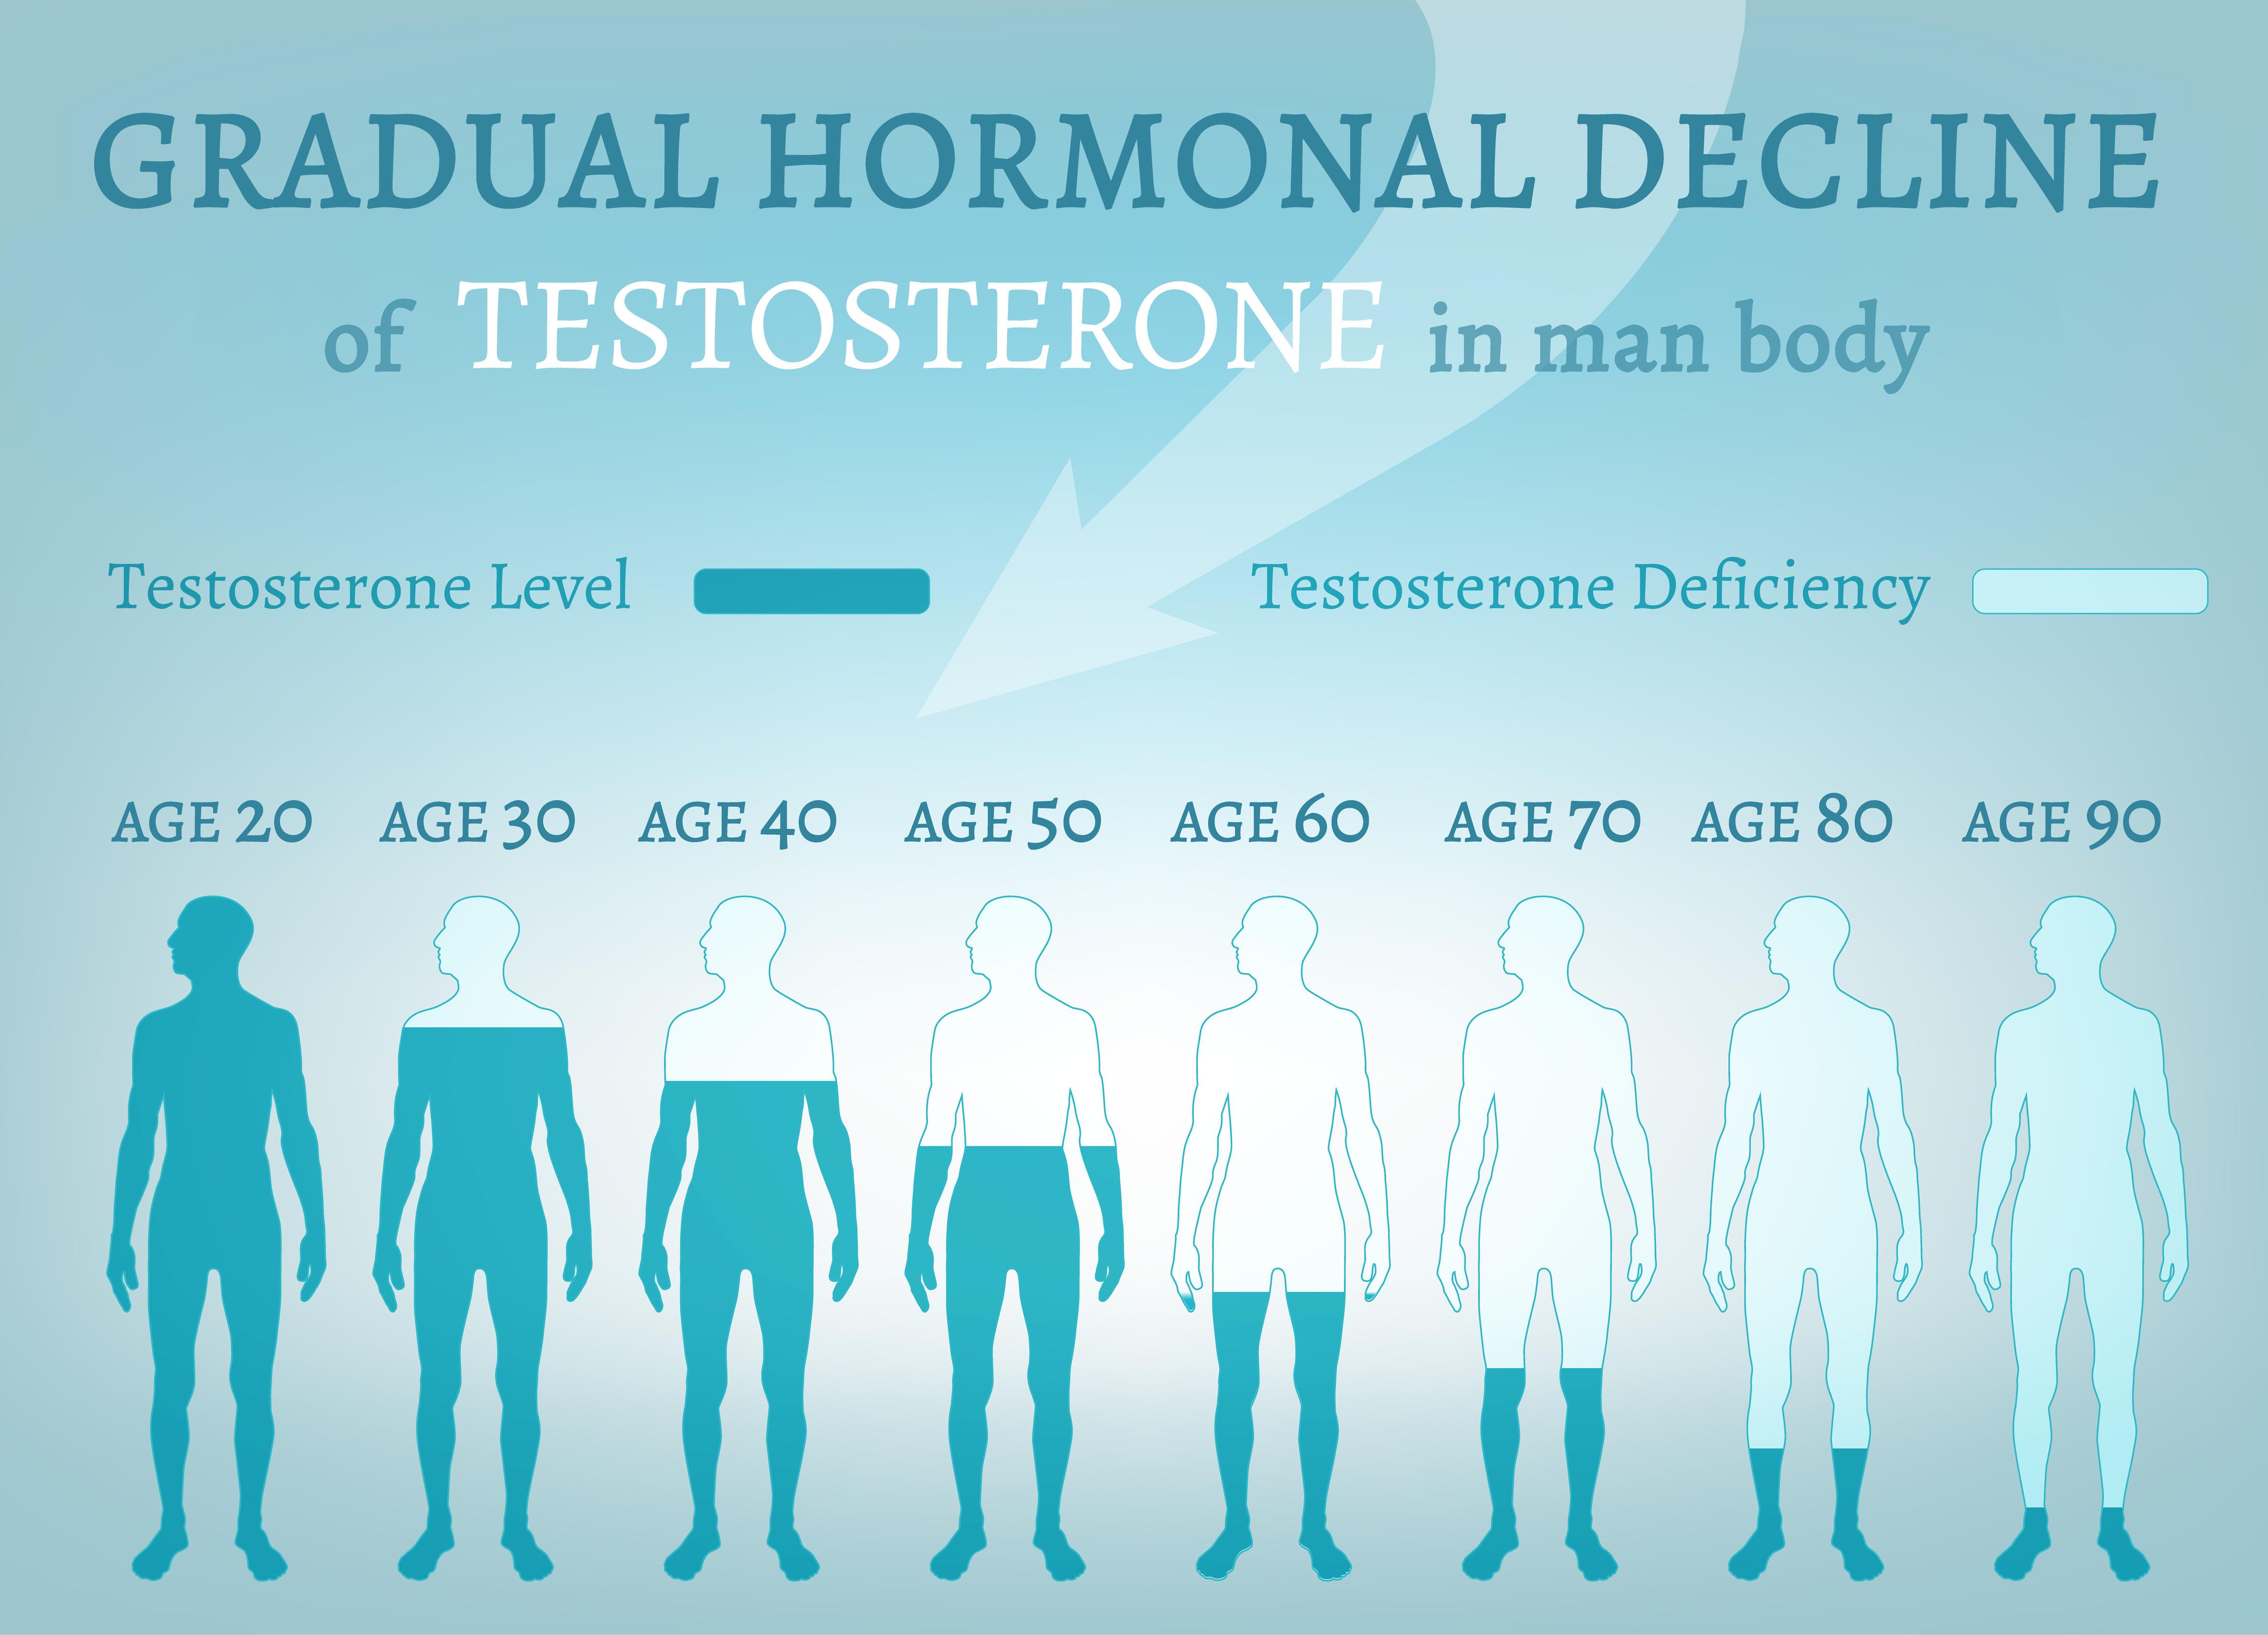 Stopniowy spadek poziomu testosteronu z wiekiem jest popularnym problemem wśród mężczyzn